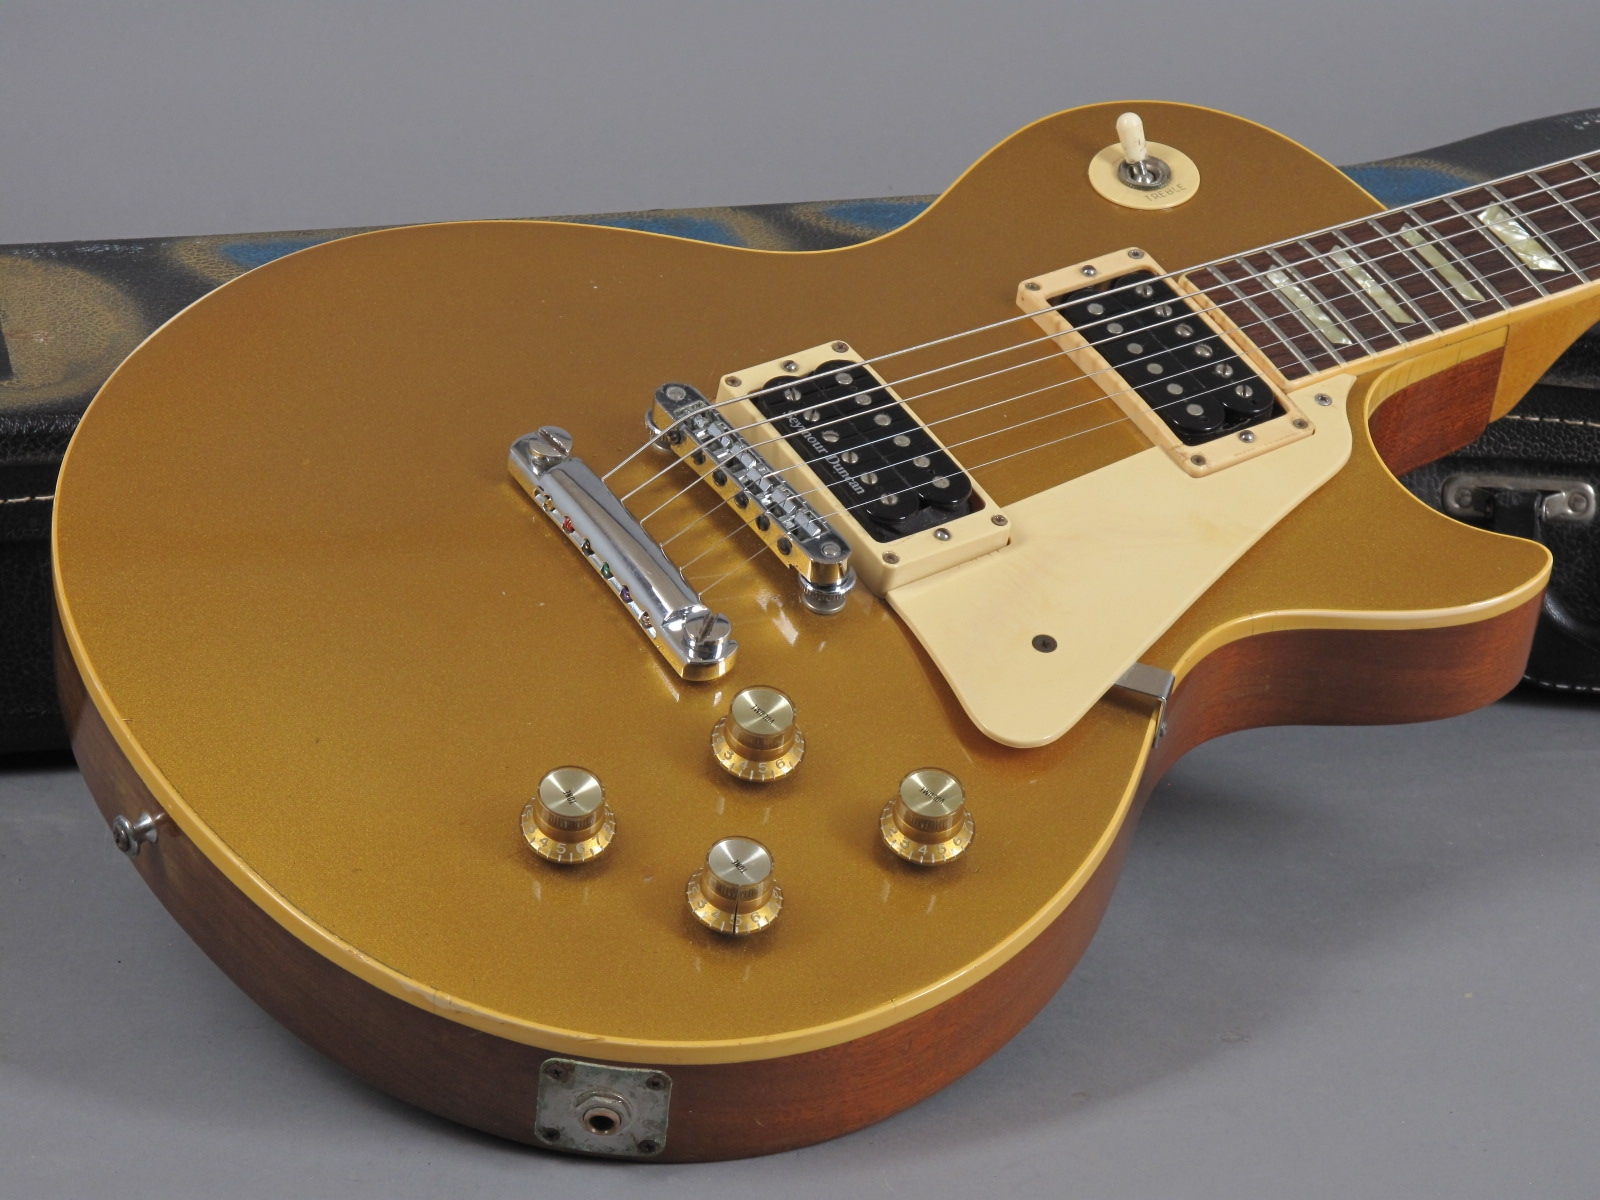 https://guitarpoint.de/app/uploads/products/1978-gibson-les-paul-deluxe-goldtop/1978-Gibson-Les-Paul-Deluxe-Goldtop-70248538_17.jpg